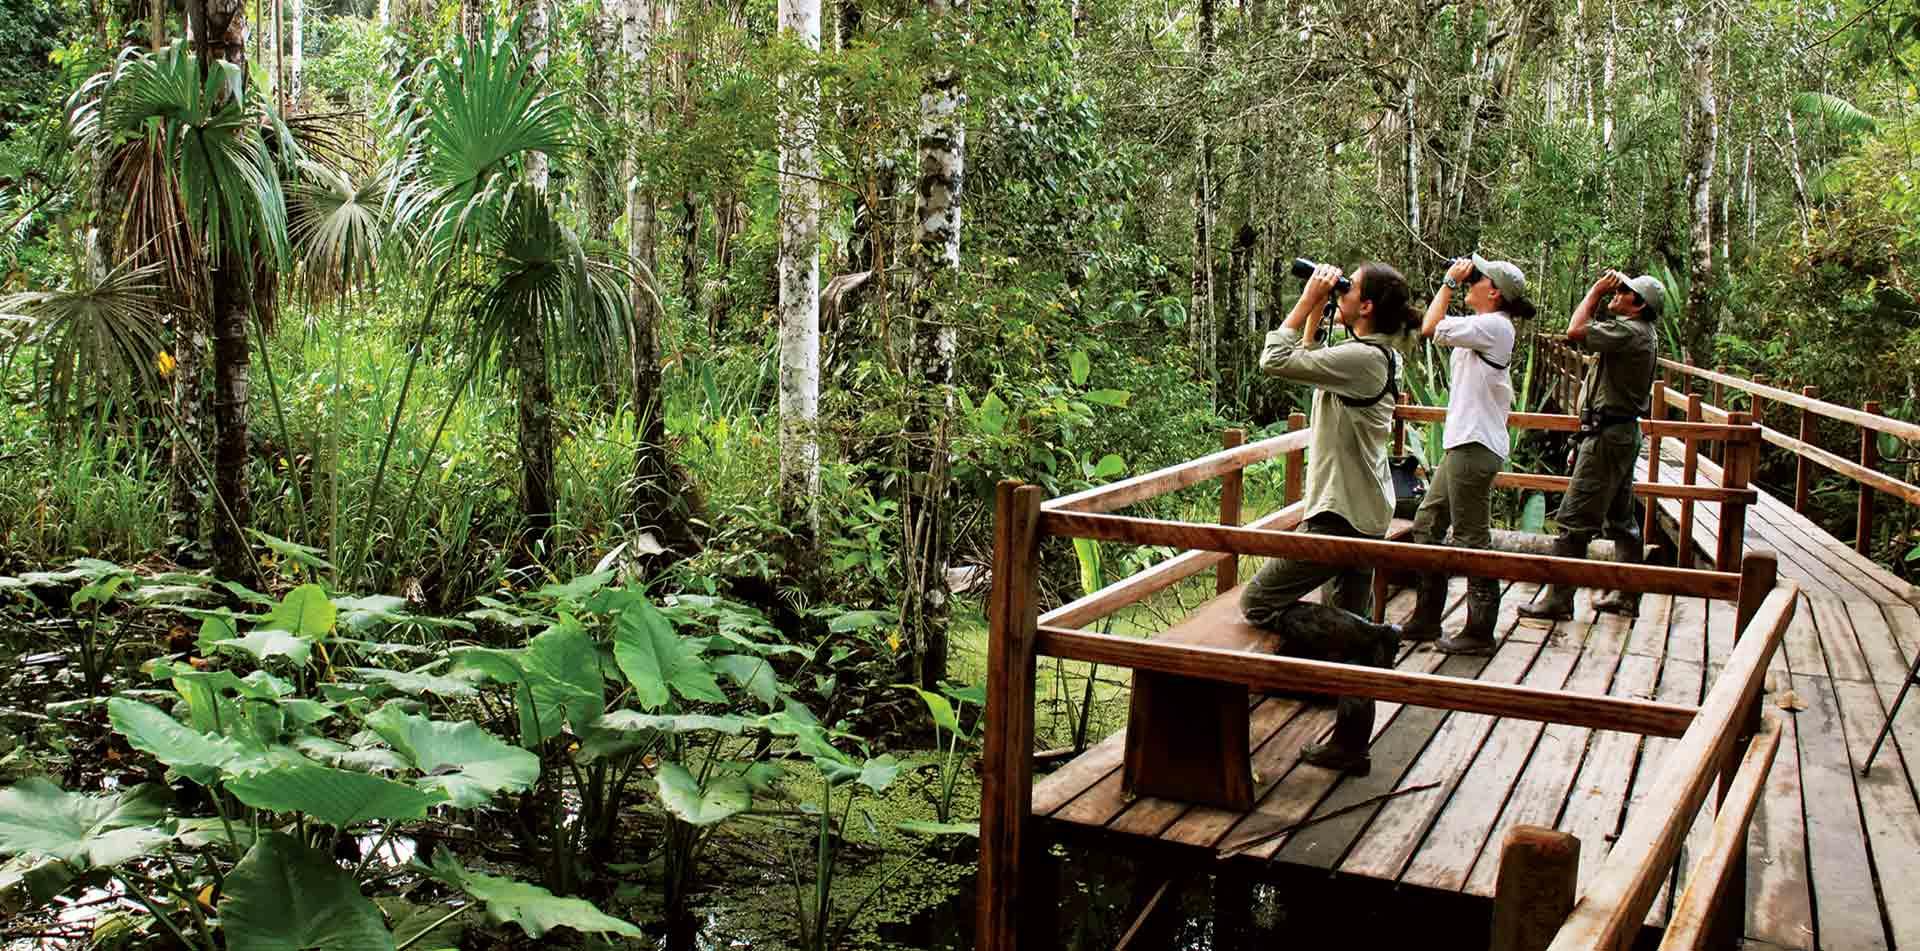 Inkaterra Reserva Amazonica Hotel, Peru